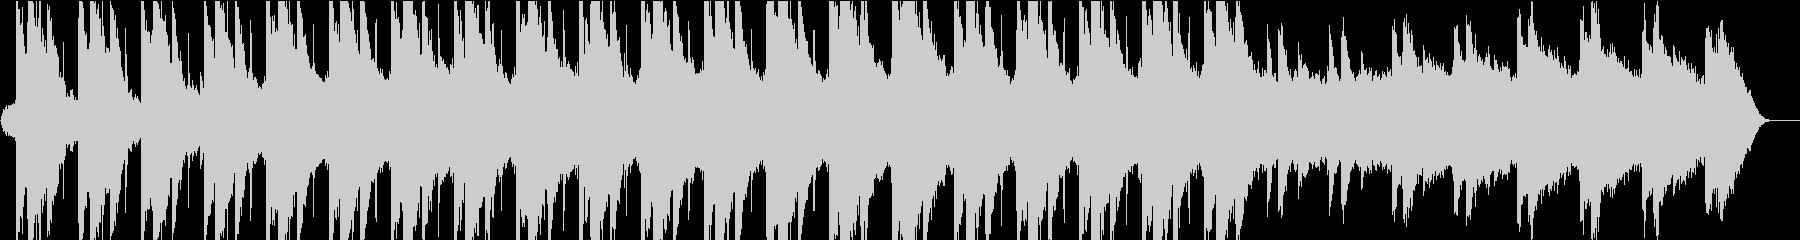 Surrenderの未再生の波形